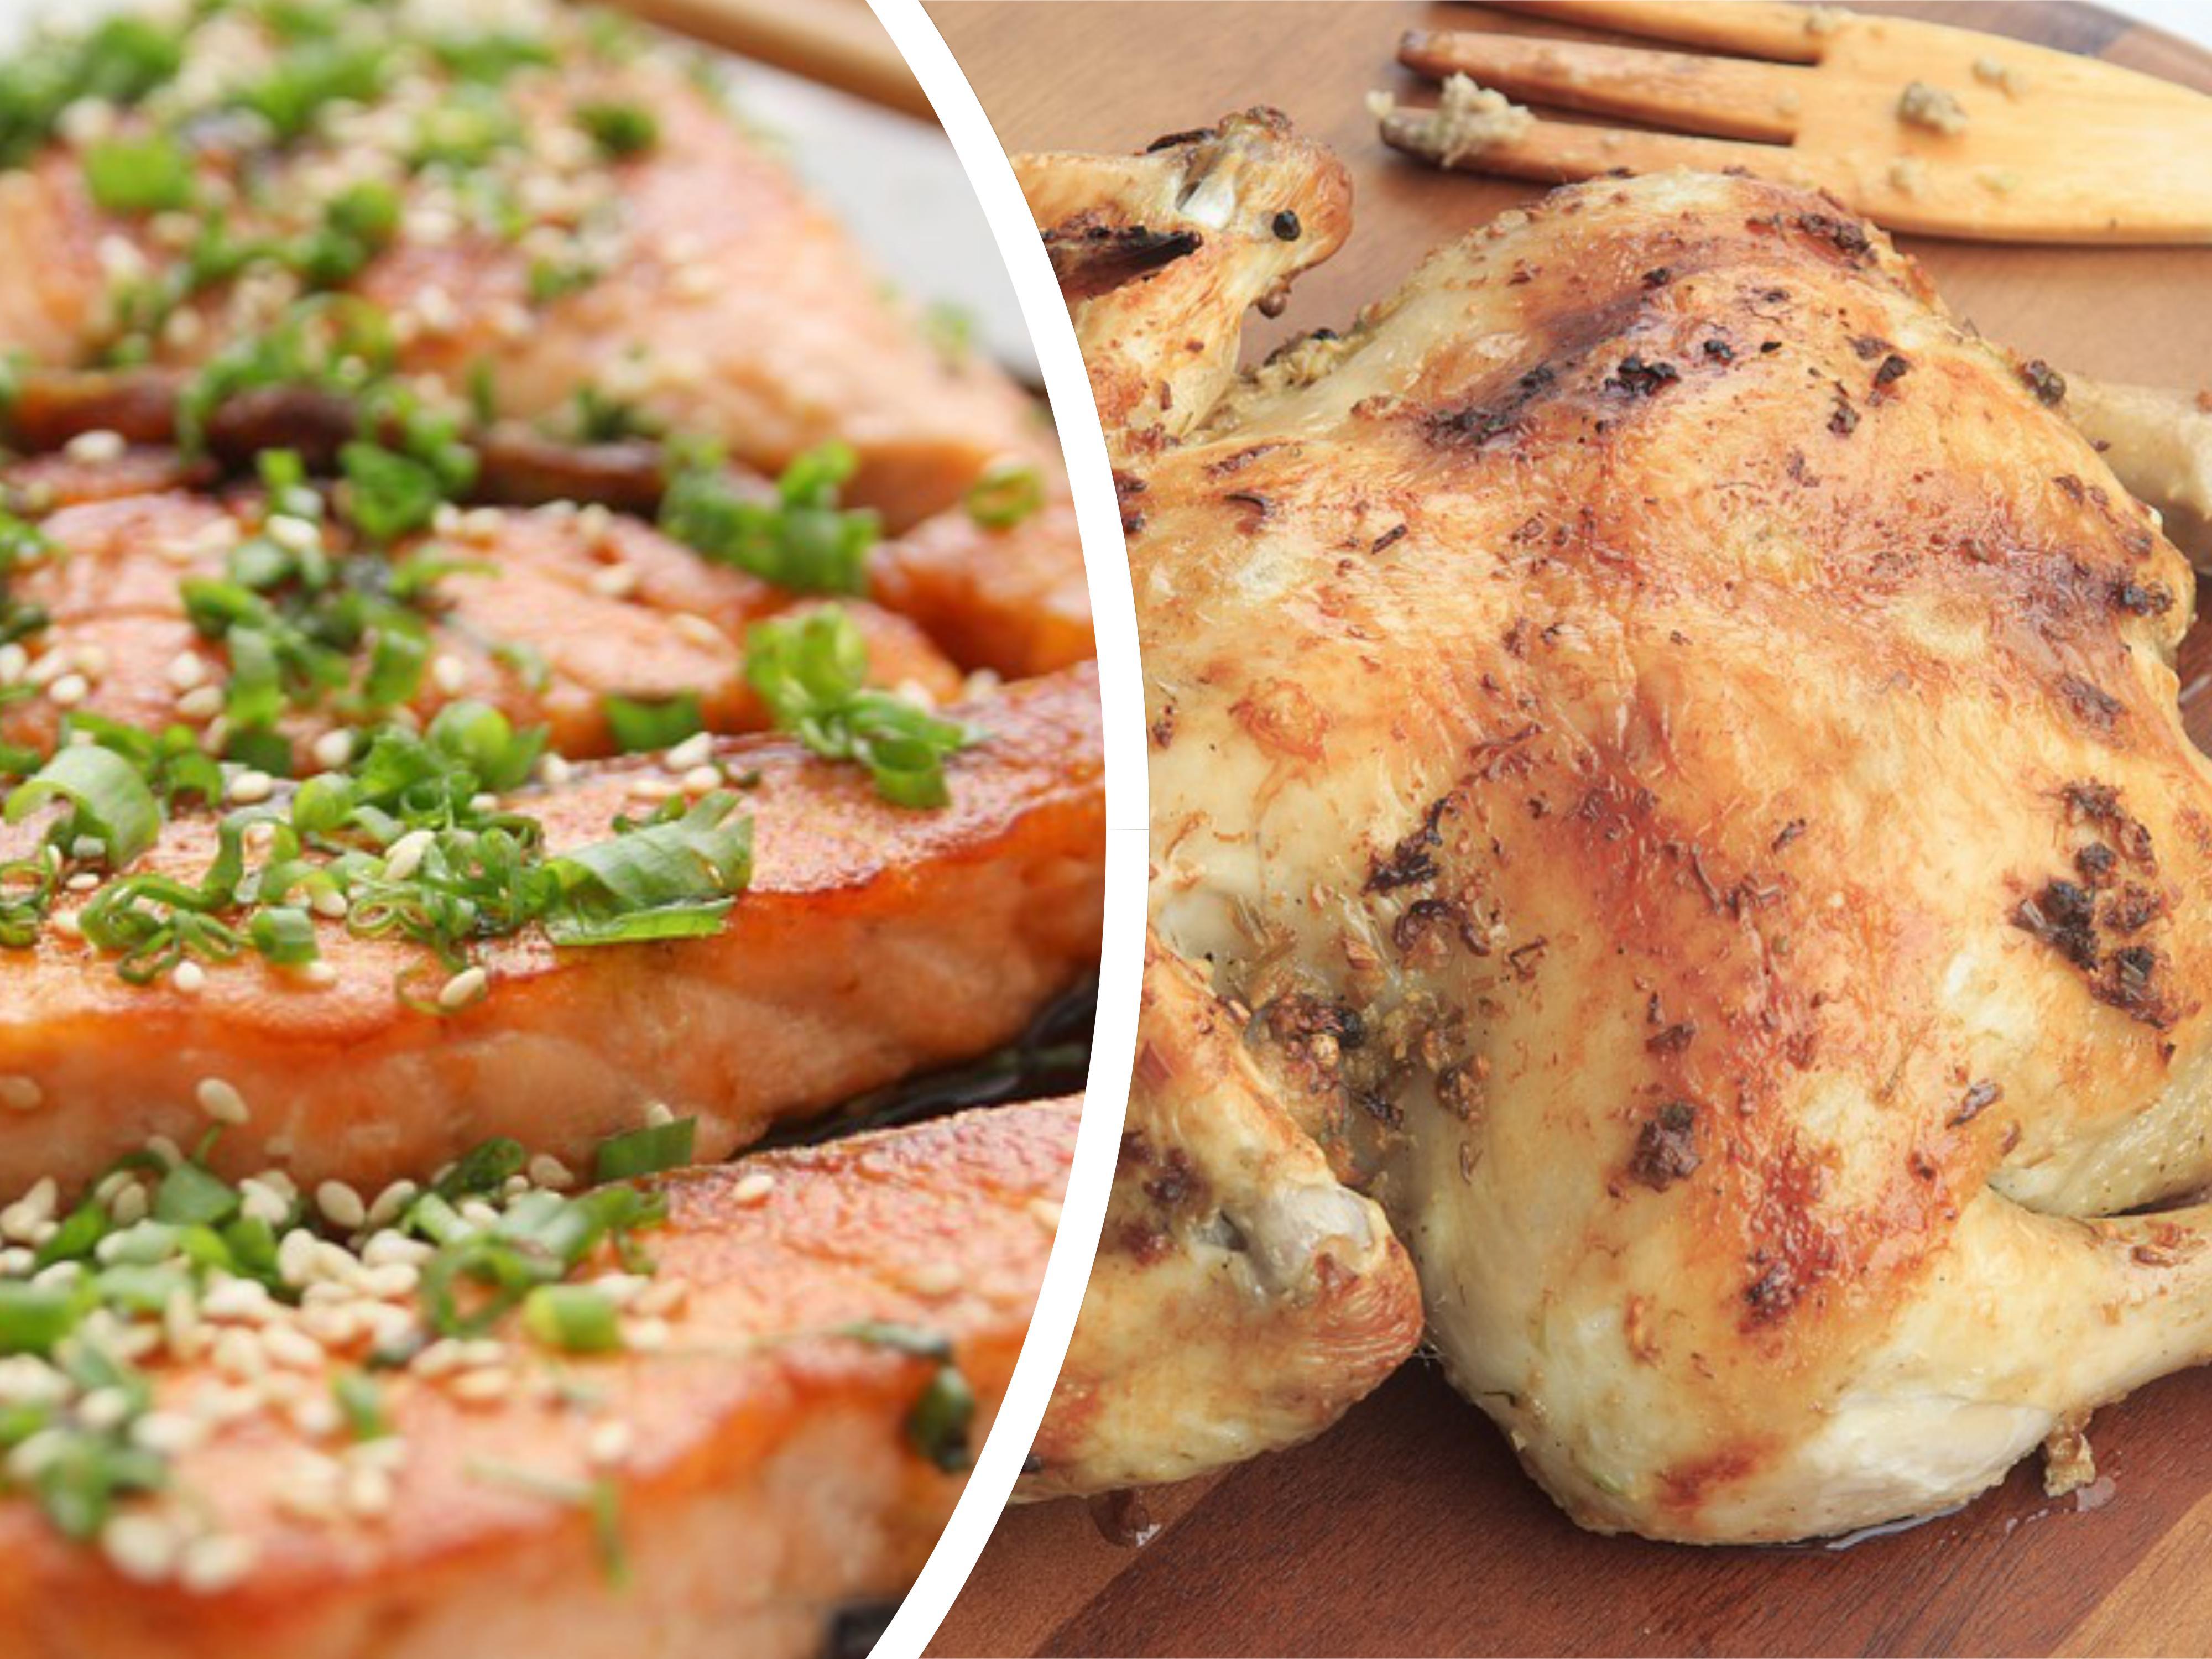 Dieta proteica que no se puede comer